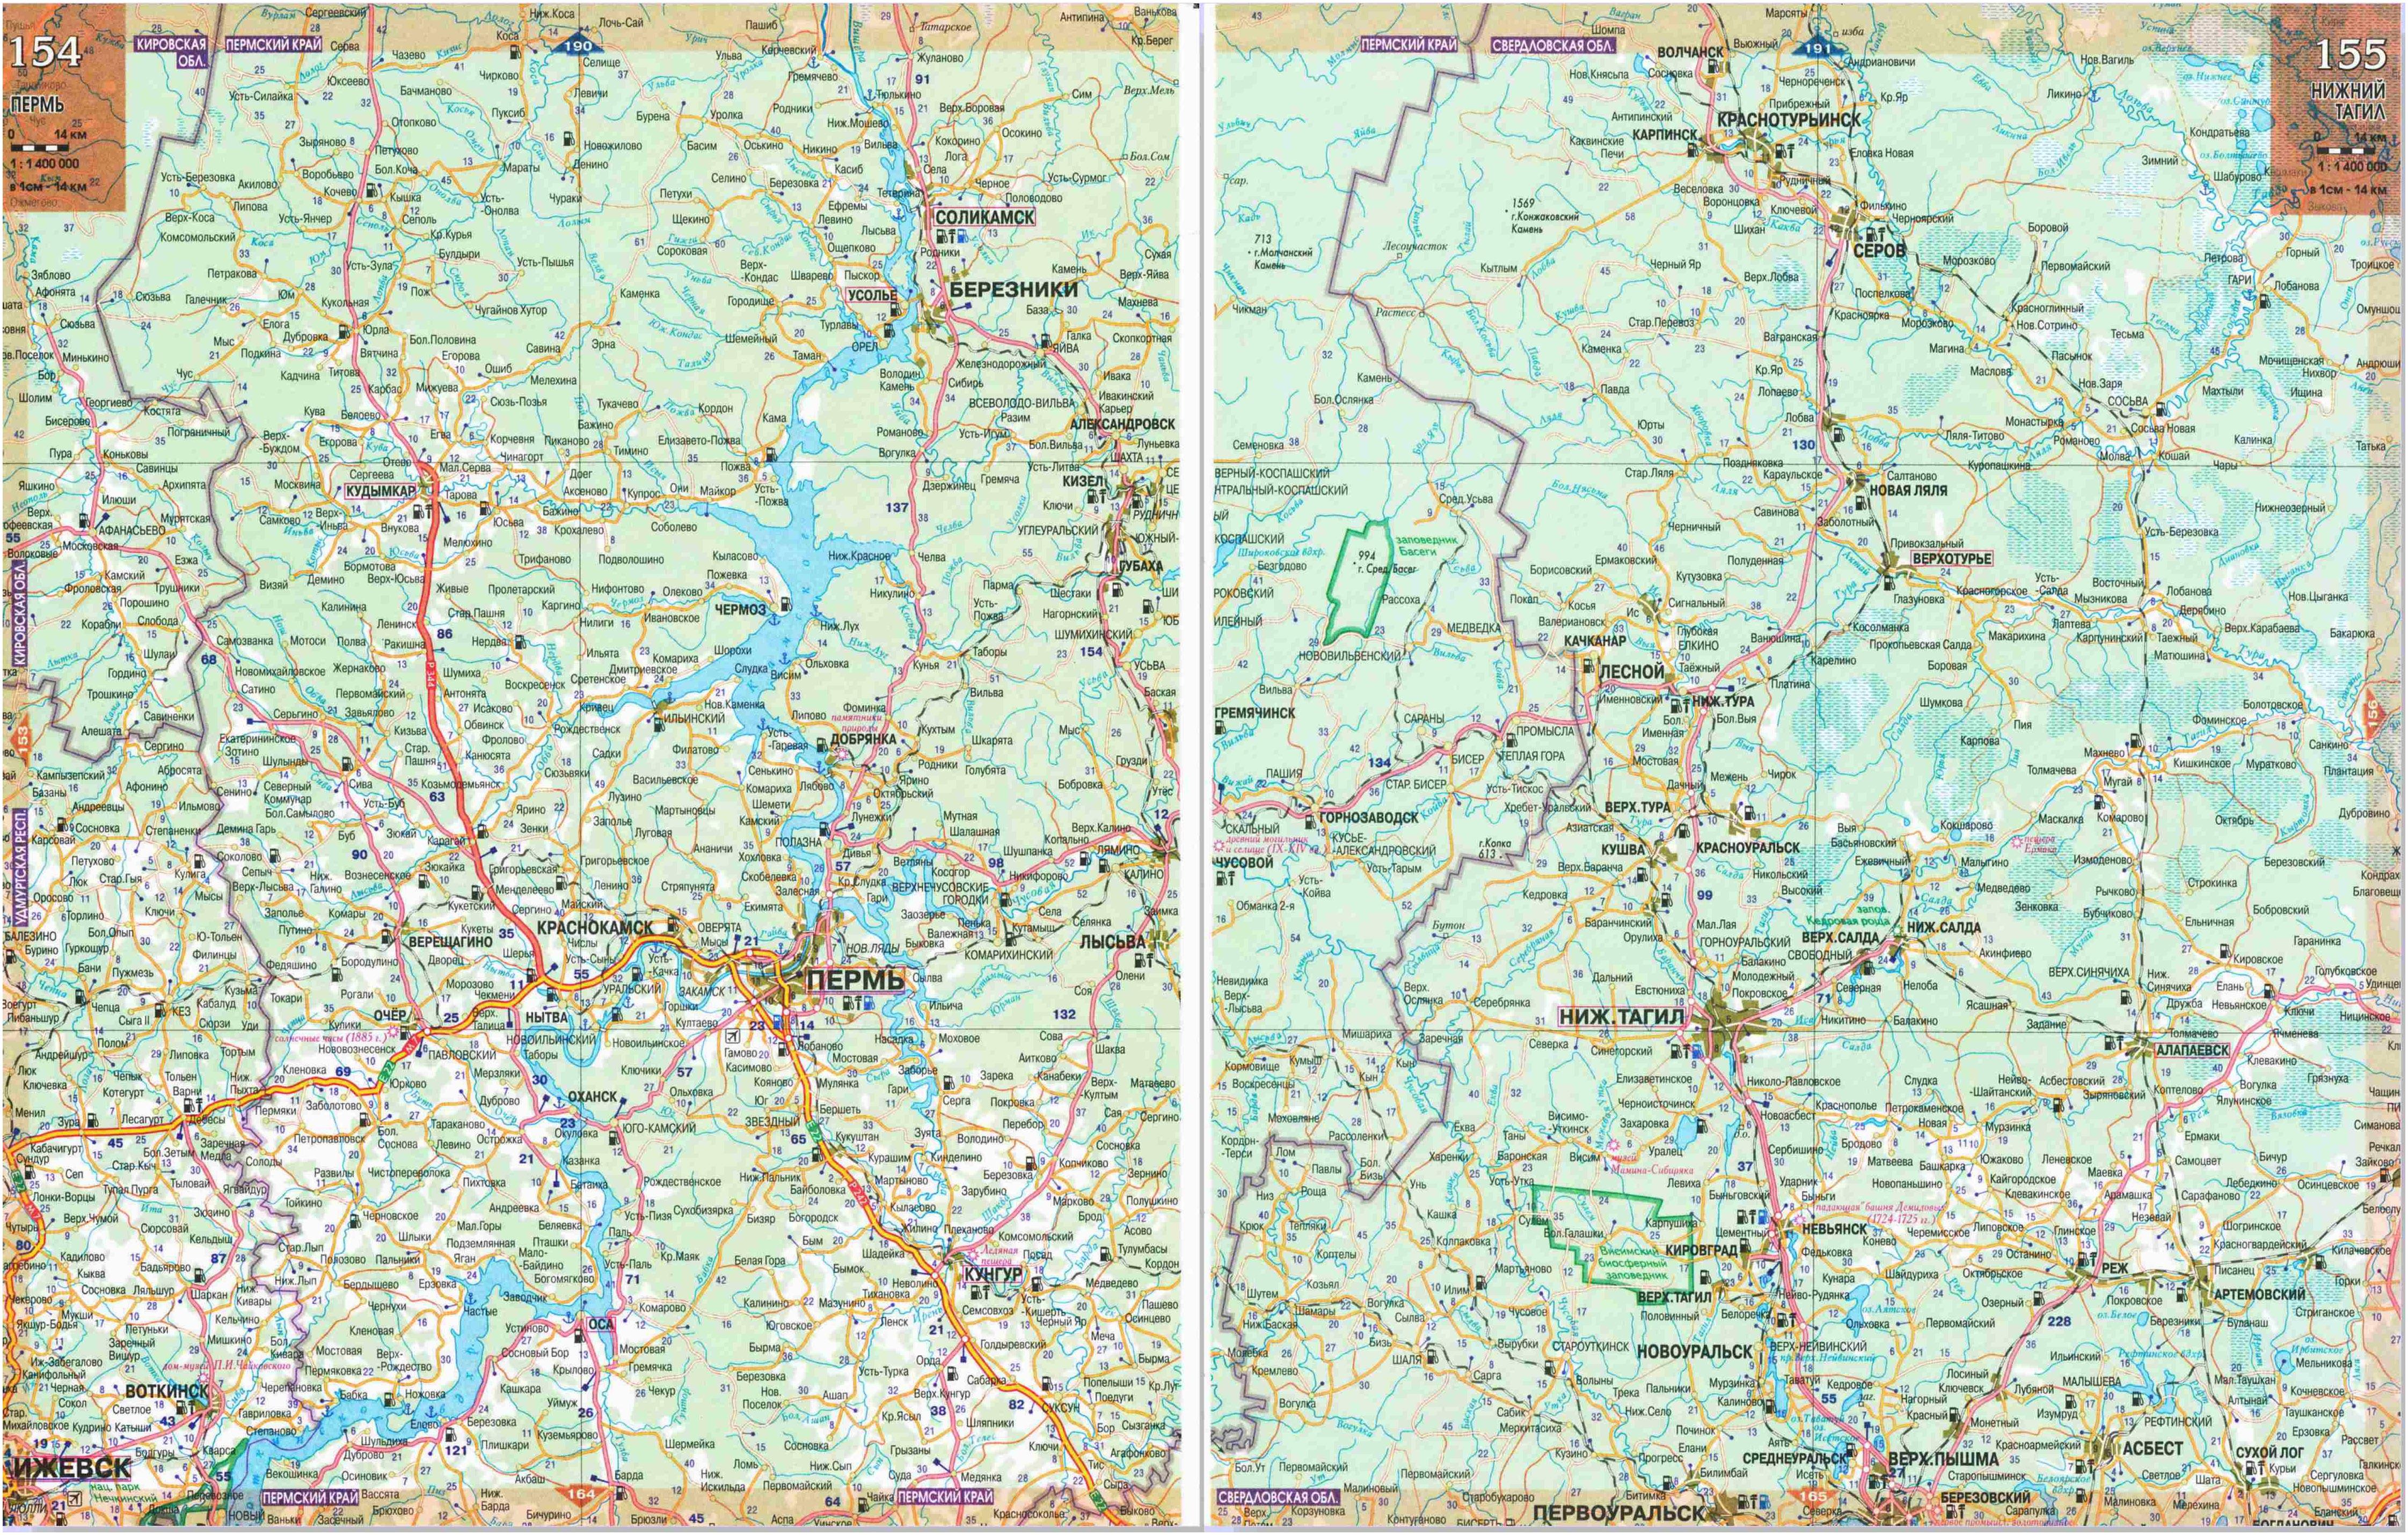 Карта автодорог - Свердловская область.  Подробная карта дорог Свердловской области с расстояниями между городами.